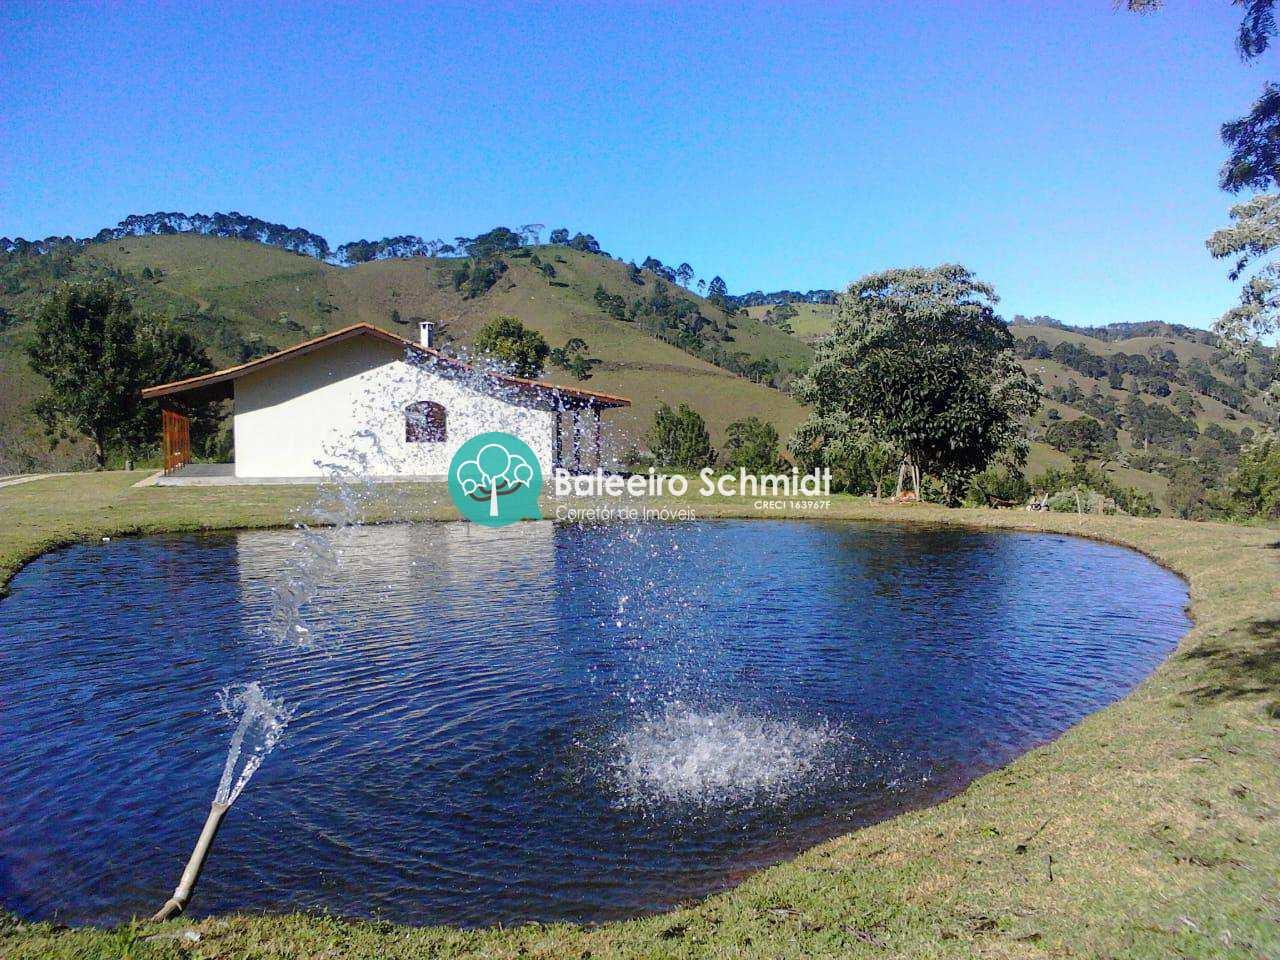 Sitio em Sapucaí-Mirim com Lago